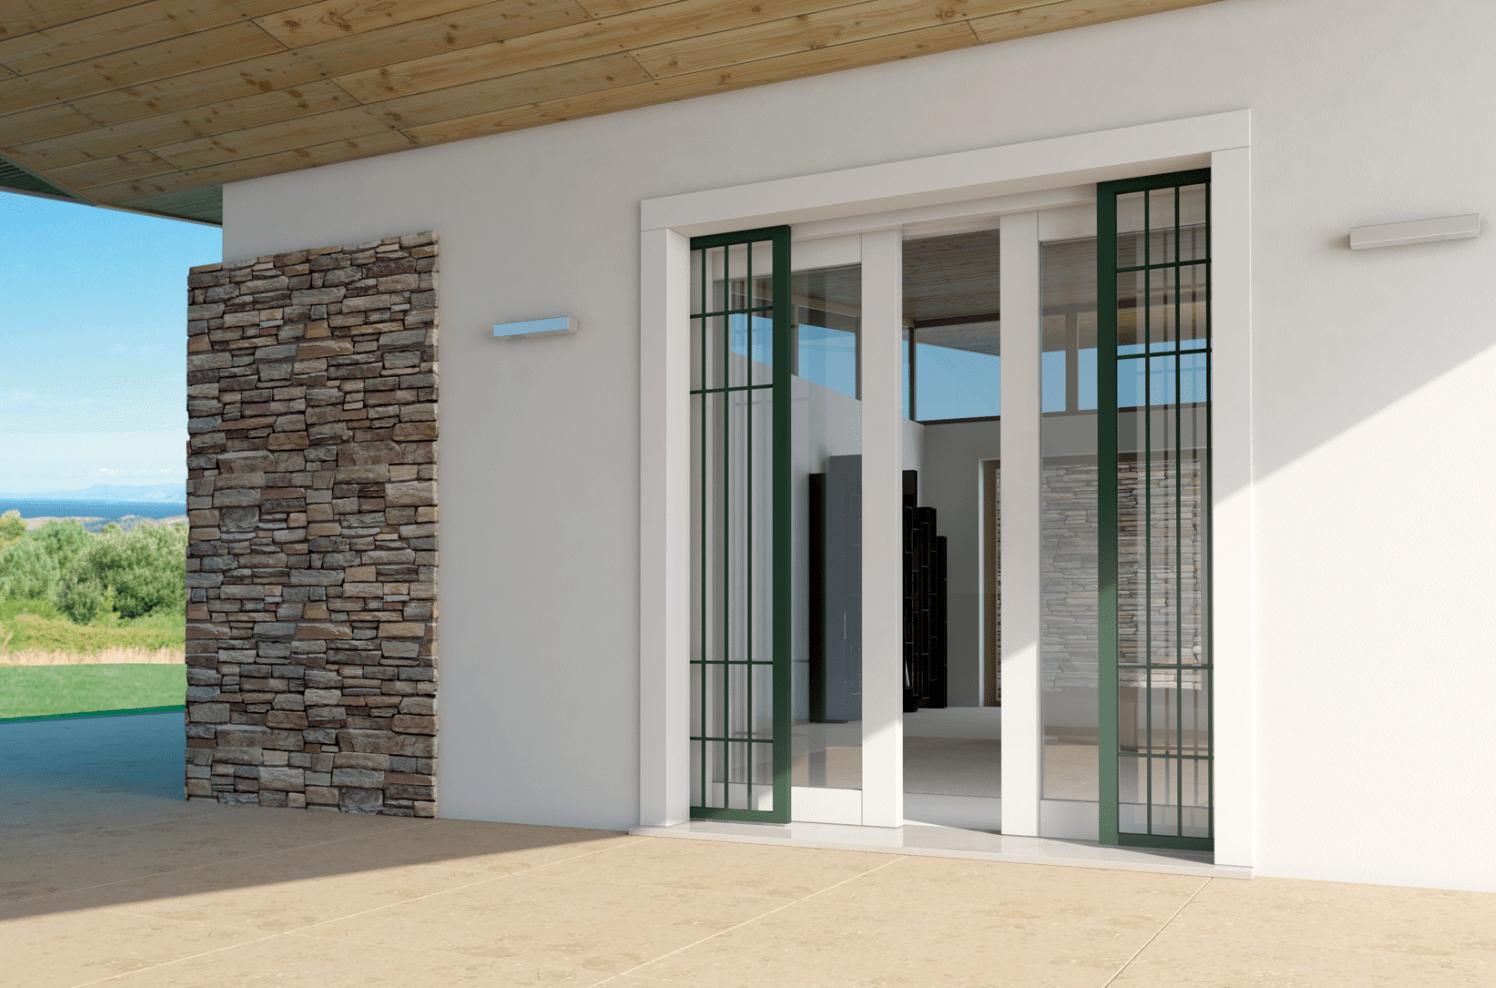 Porte e finestre di sicurezza casa protetta anche durante - Prezzo inferriate finestre ...